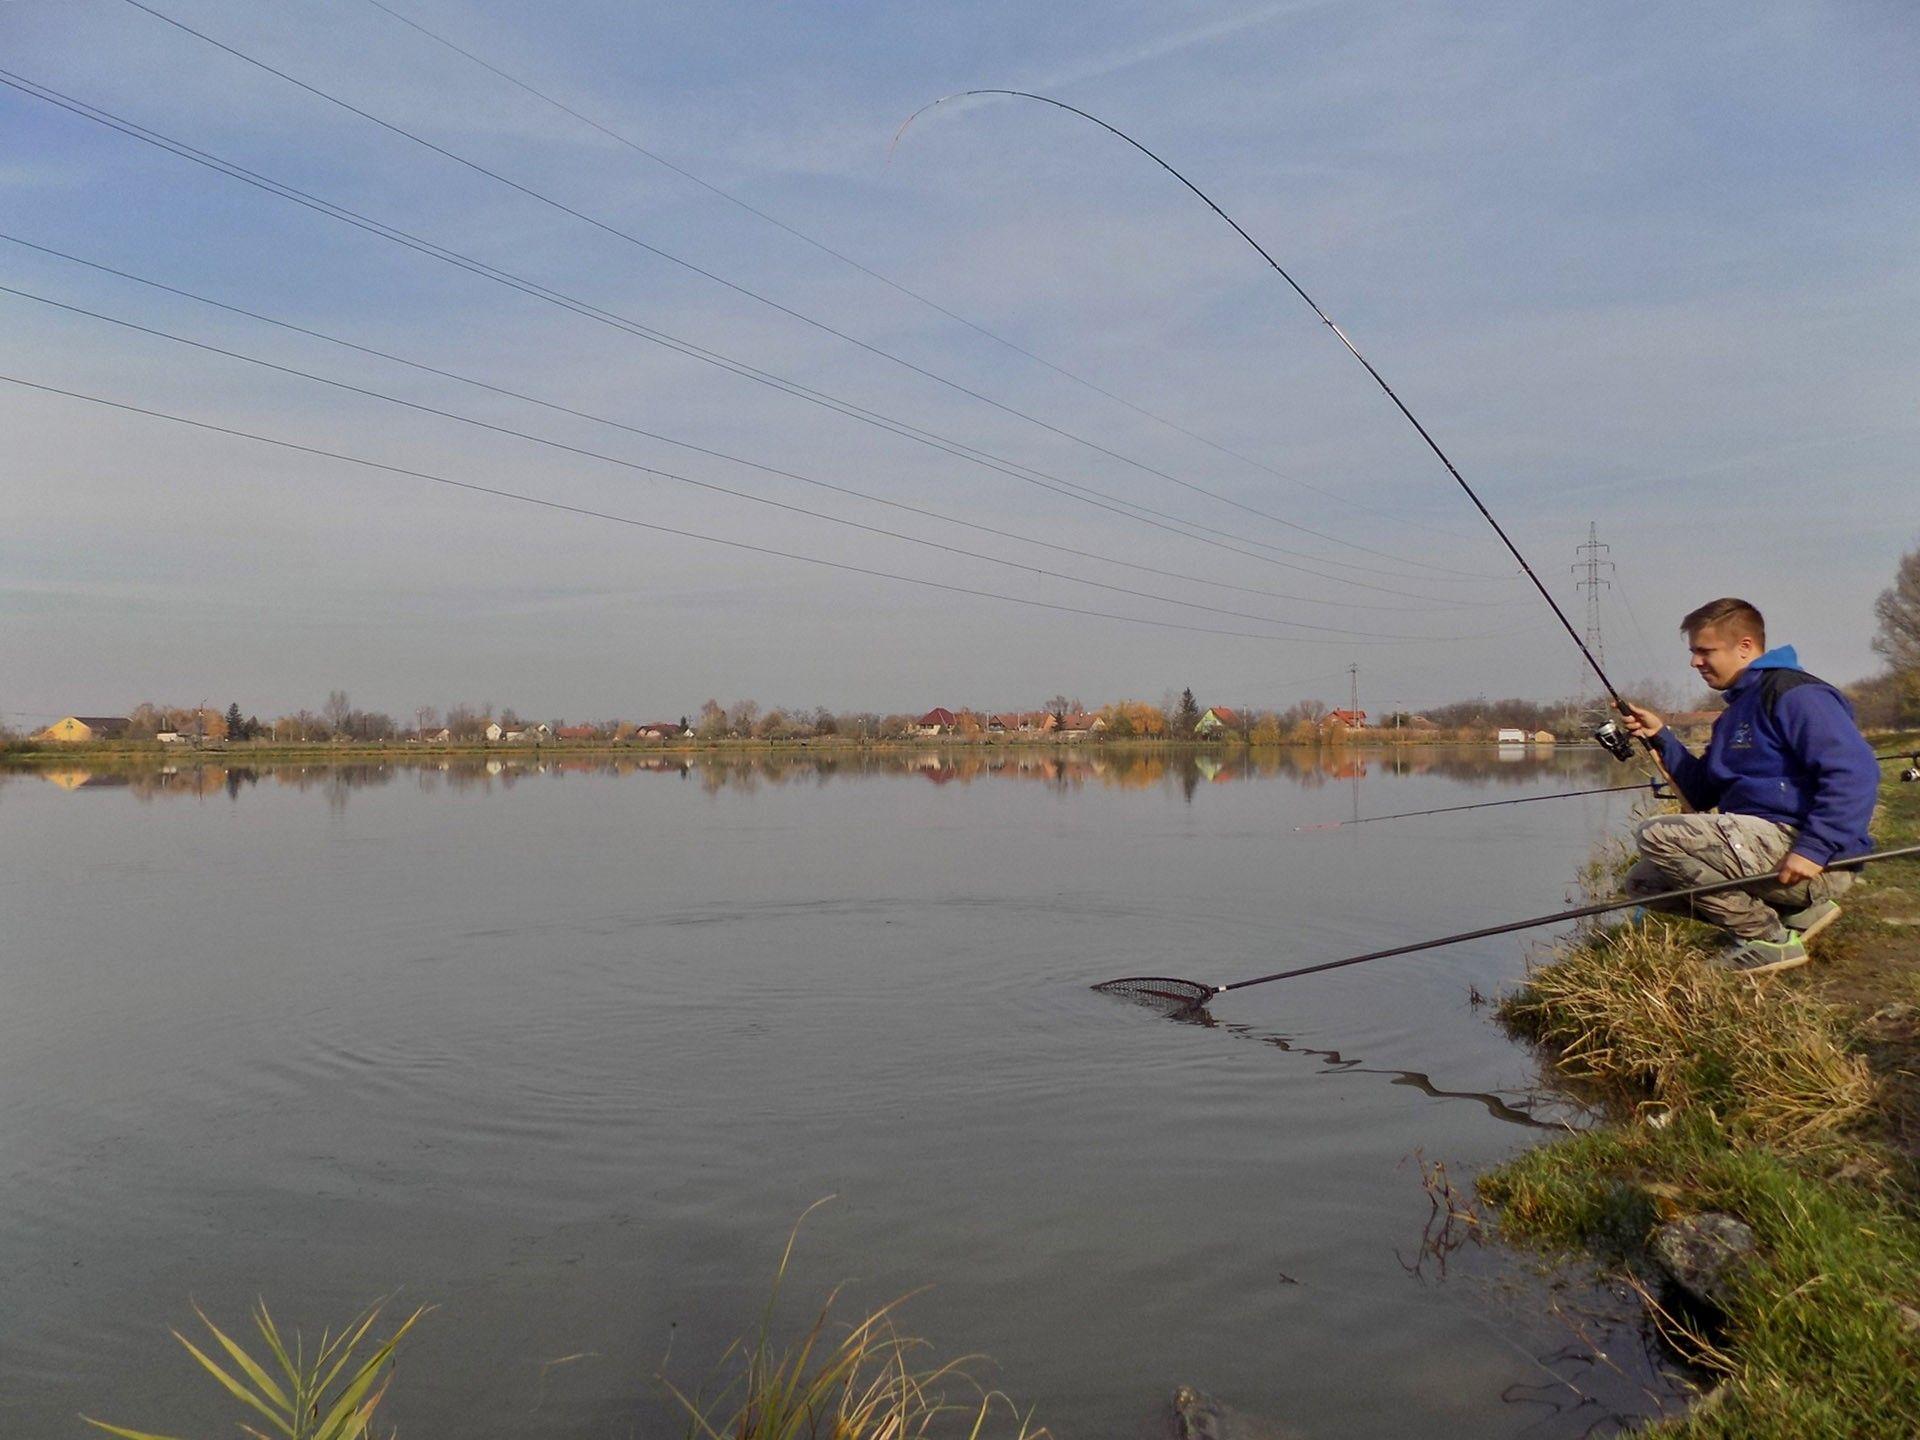 A gyors, ütemes horgászat miatt a halak szépen beálltak elém, ennek eredményeként egyik halat szákolhattam a másik után